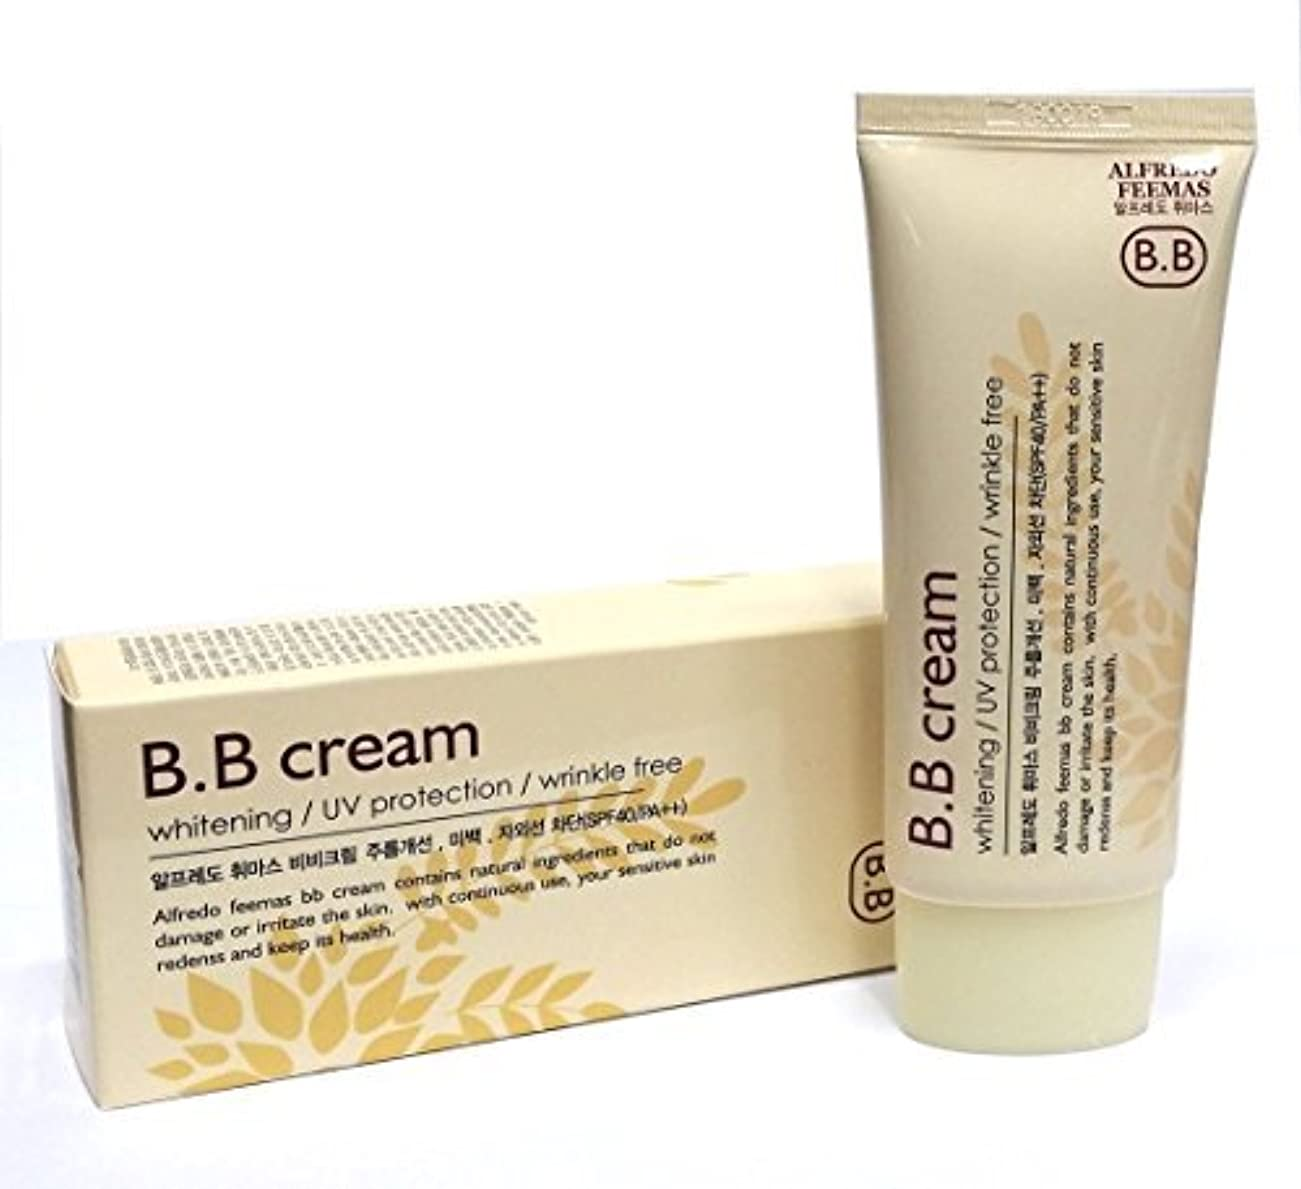 学んだ蒸発する好奇心盛[ALFREDO FEEMAS] シャイニングBBクリームホワイトニング日焼け止めSPF40 PA++ 50ml / 韓国化粧品 / Shining BB Cream Whitening Sunblock SPF40 PA++ 50ml / Korean Cosmetics [並行輸入品]